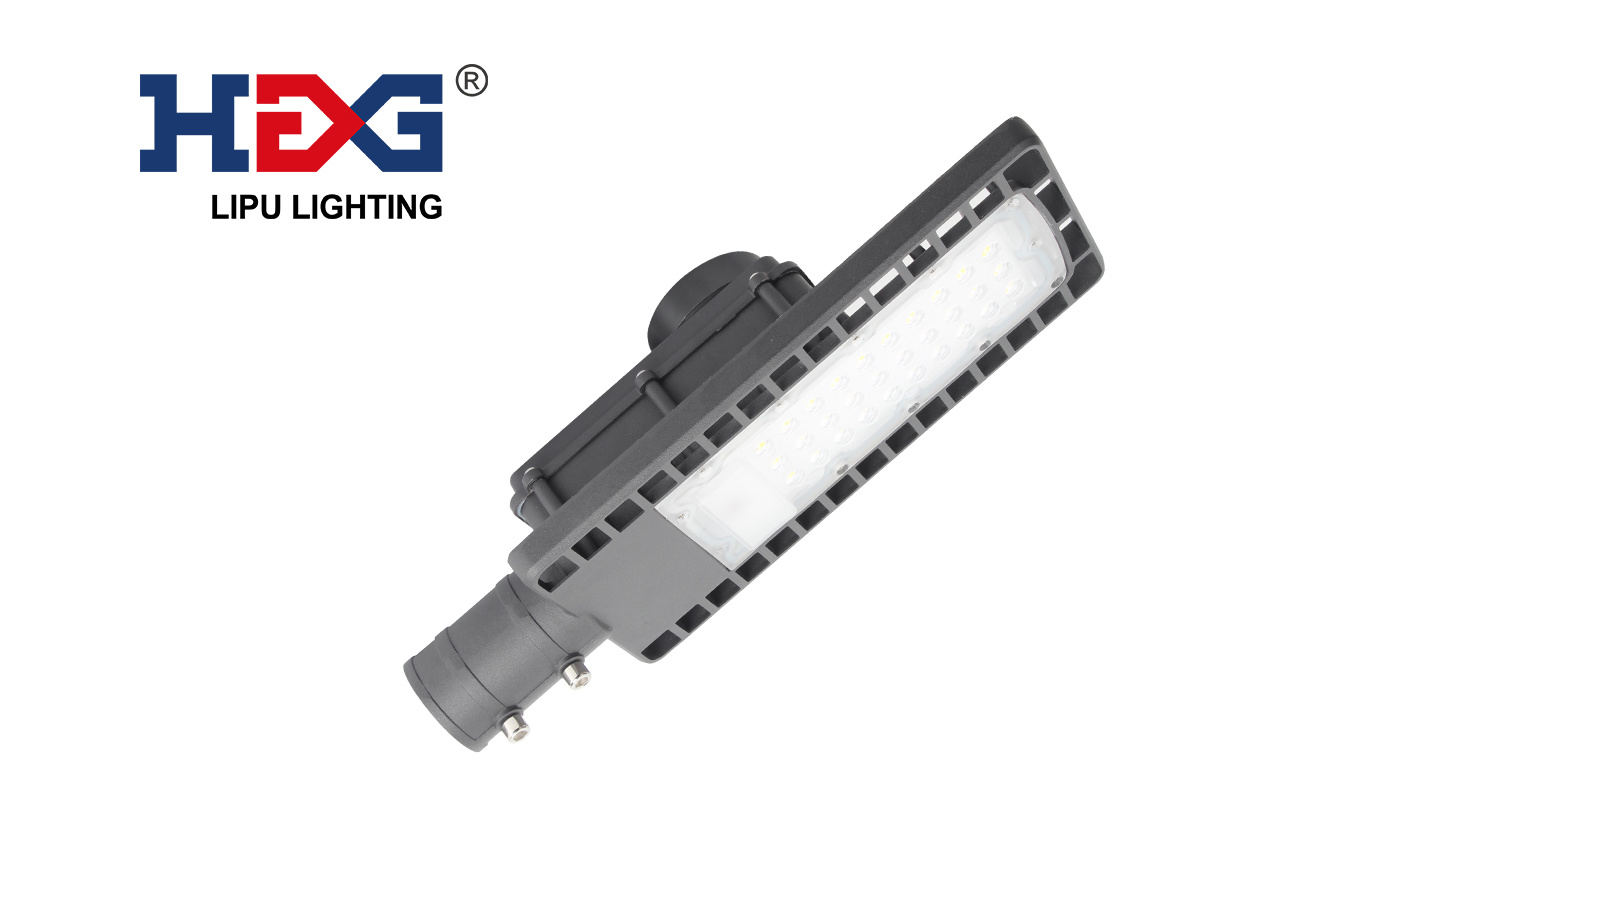 다이캐스팅 알루미늄 방수 IP65 실외용 LED 스트리트 라이트